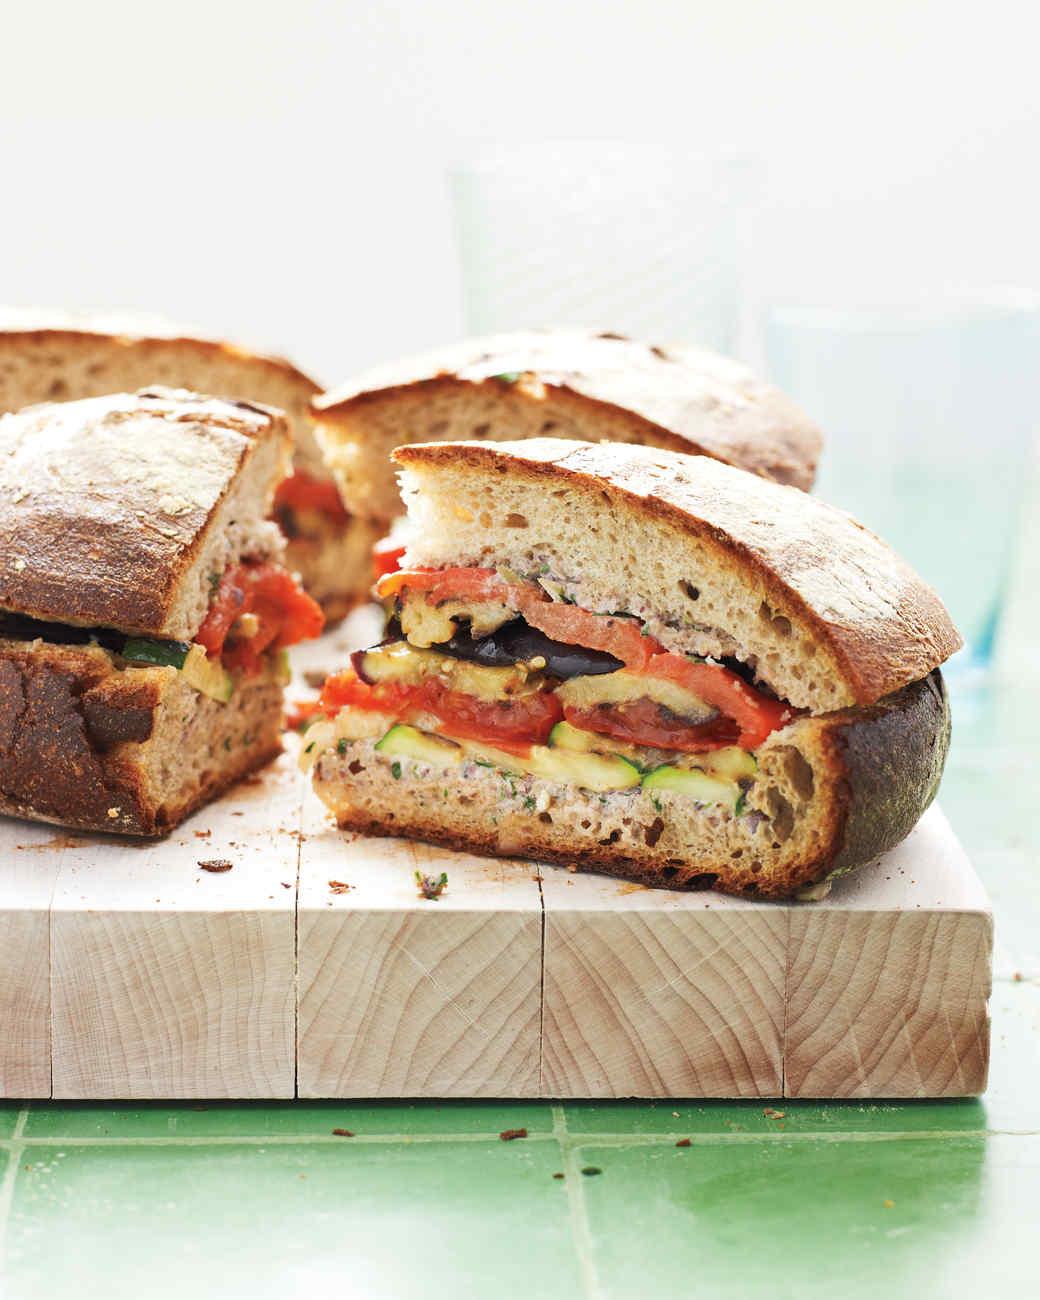 sandwich-014-med110108.jpg